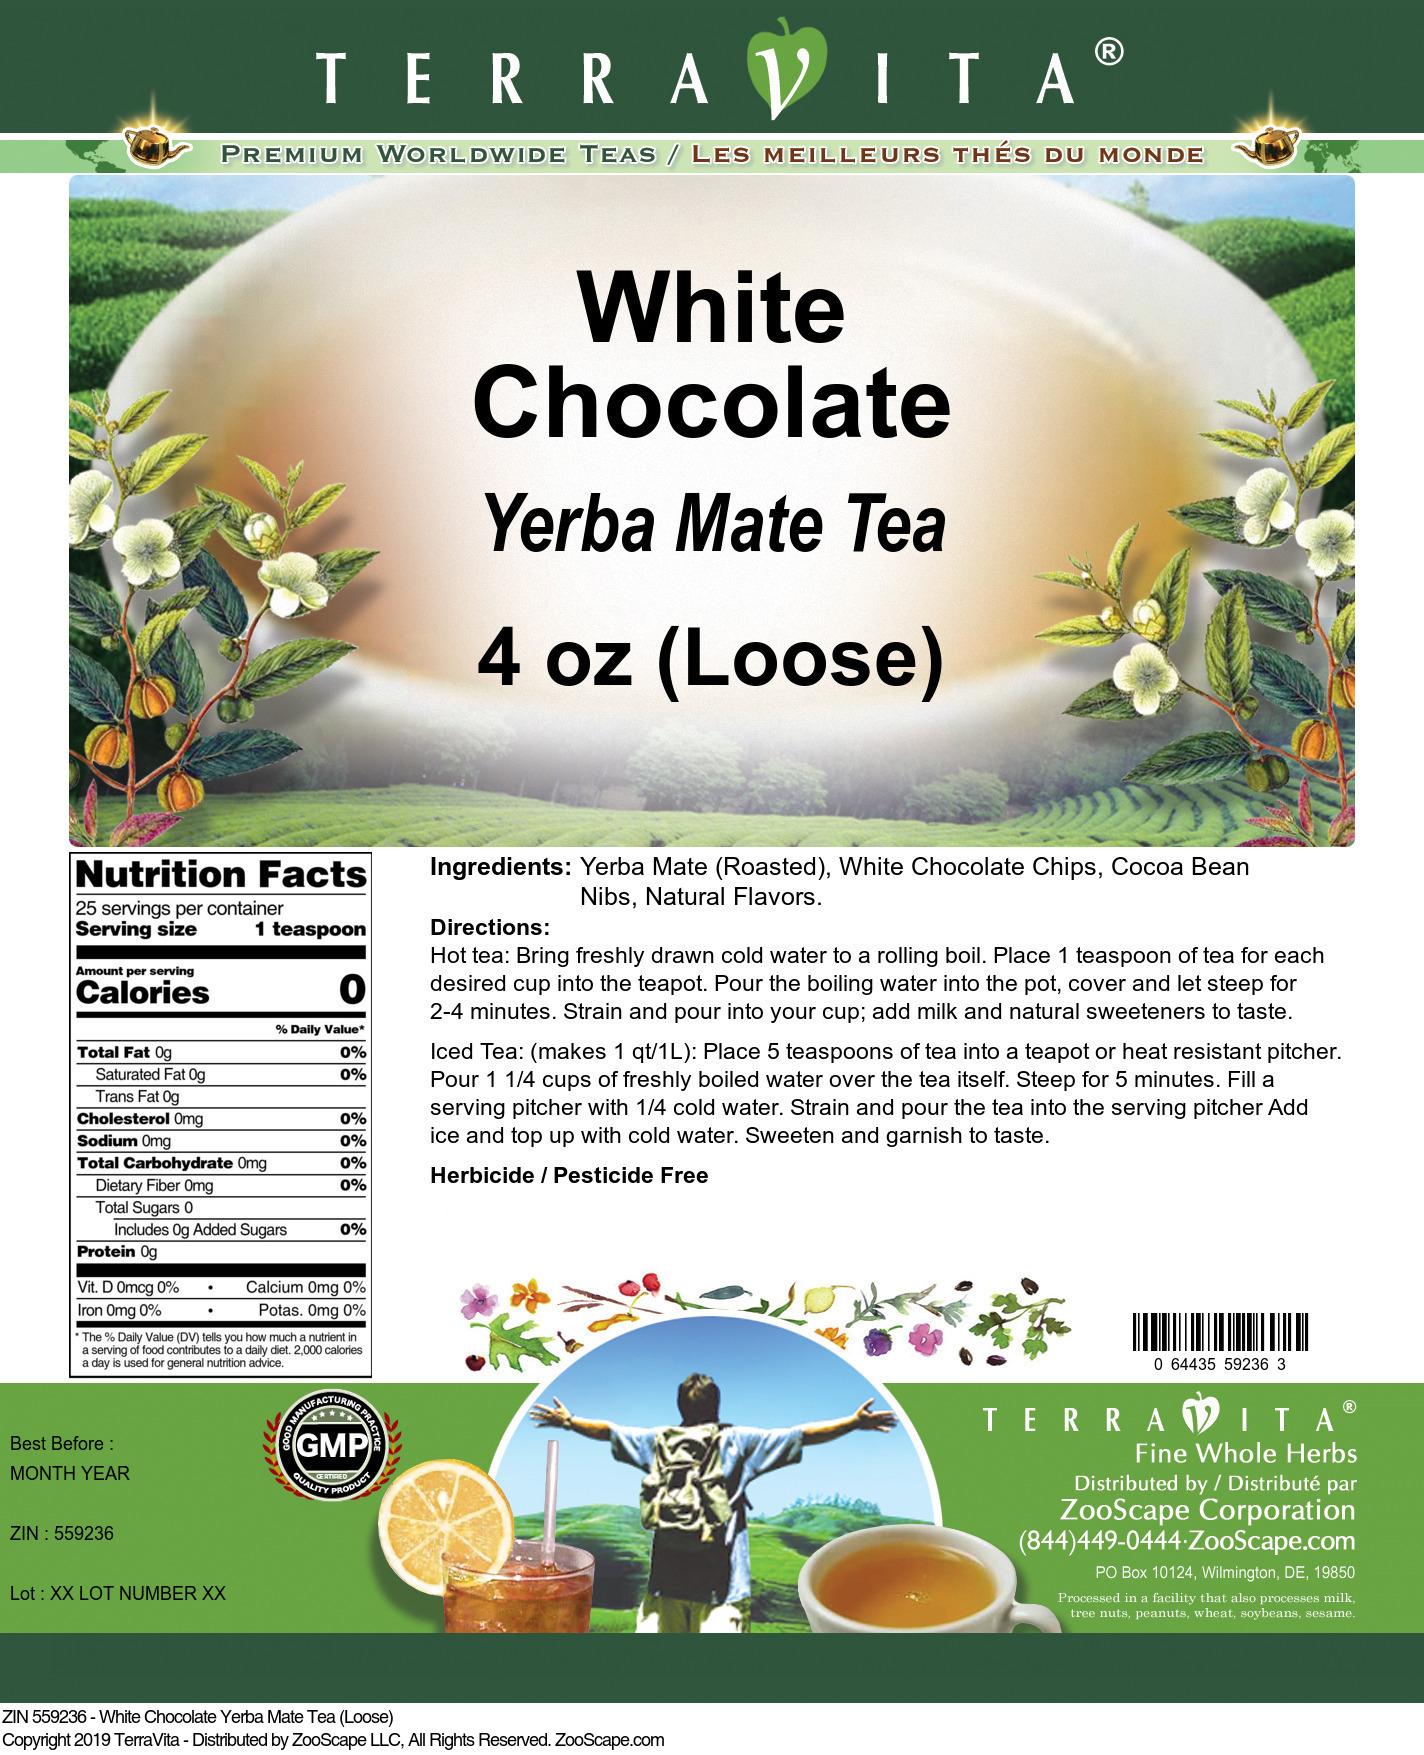 White Chocolate Yerba Mate